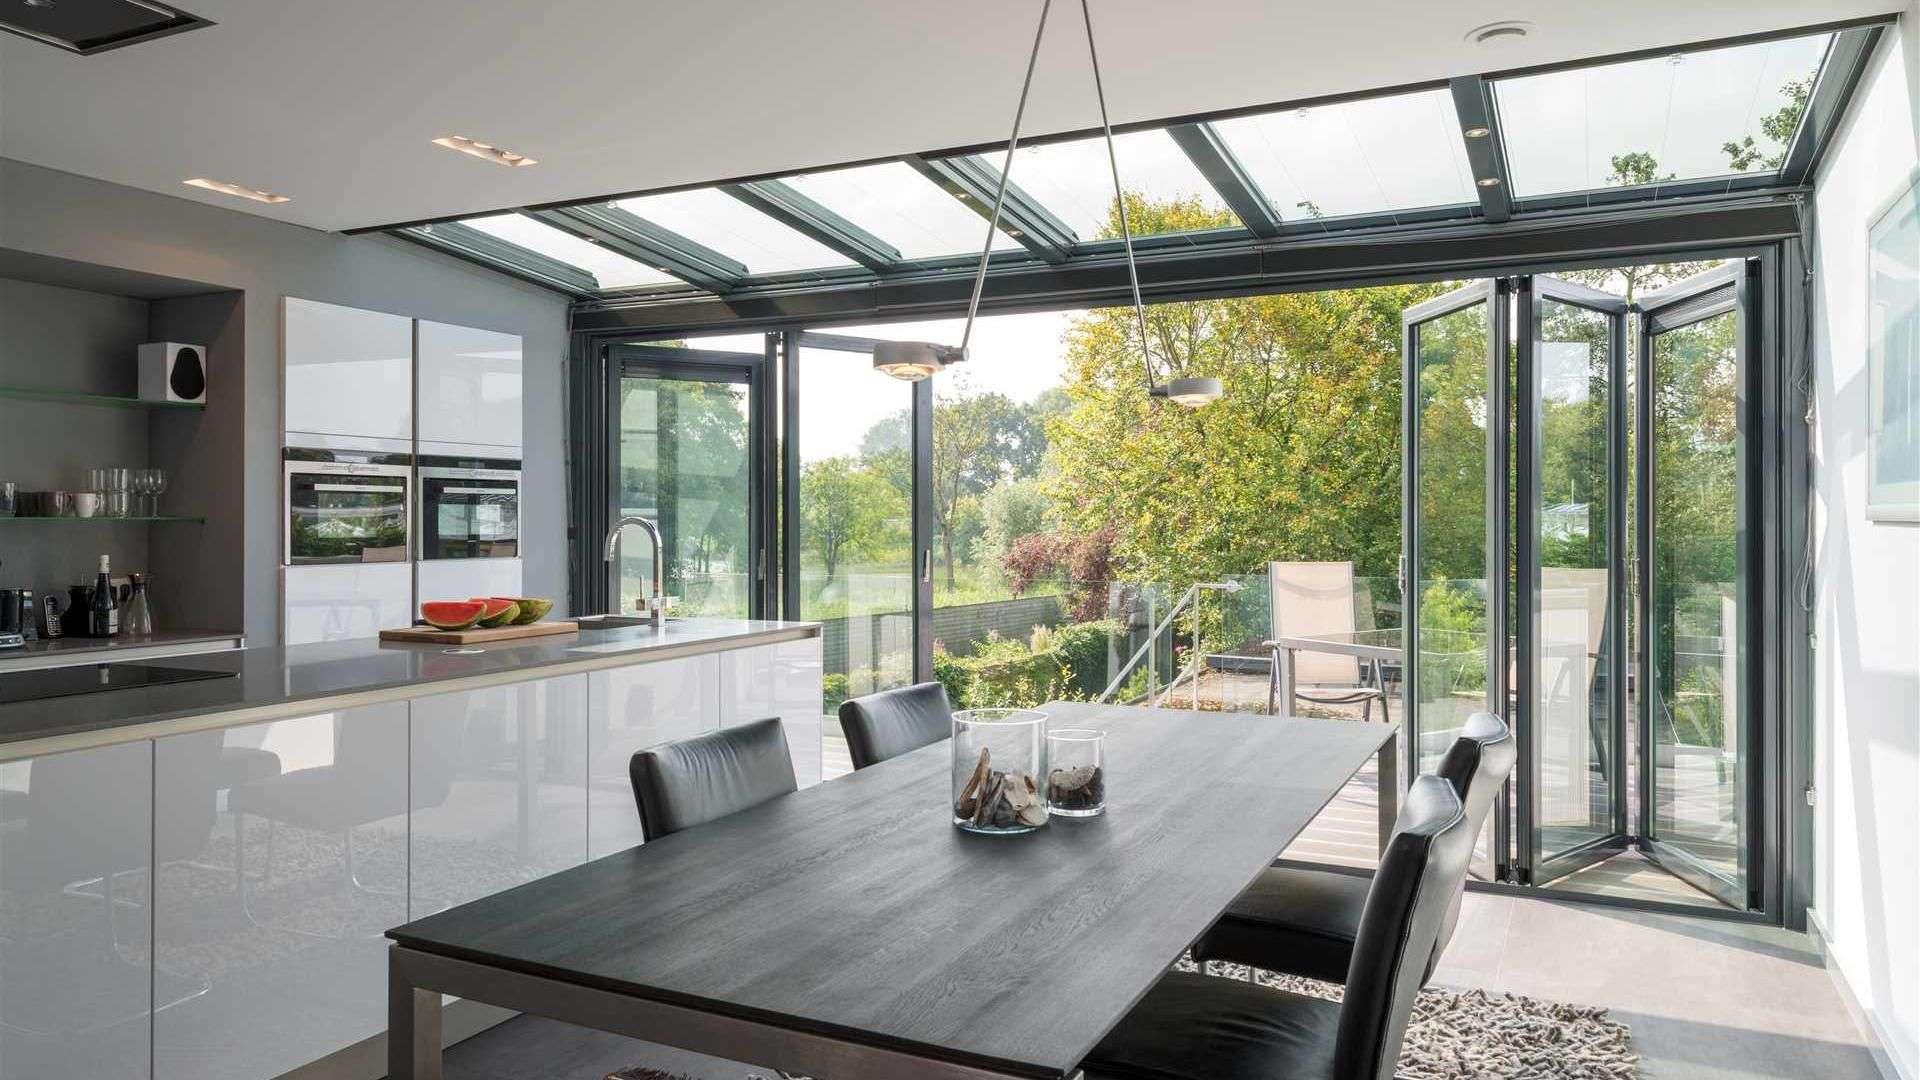 Innenansicht des Solarlux SDL Nobiles Wintergarten mit geöffneter Glasfront, Küchenzeile im Inneren und großen dunklem Holzesstisch im Vordergrund